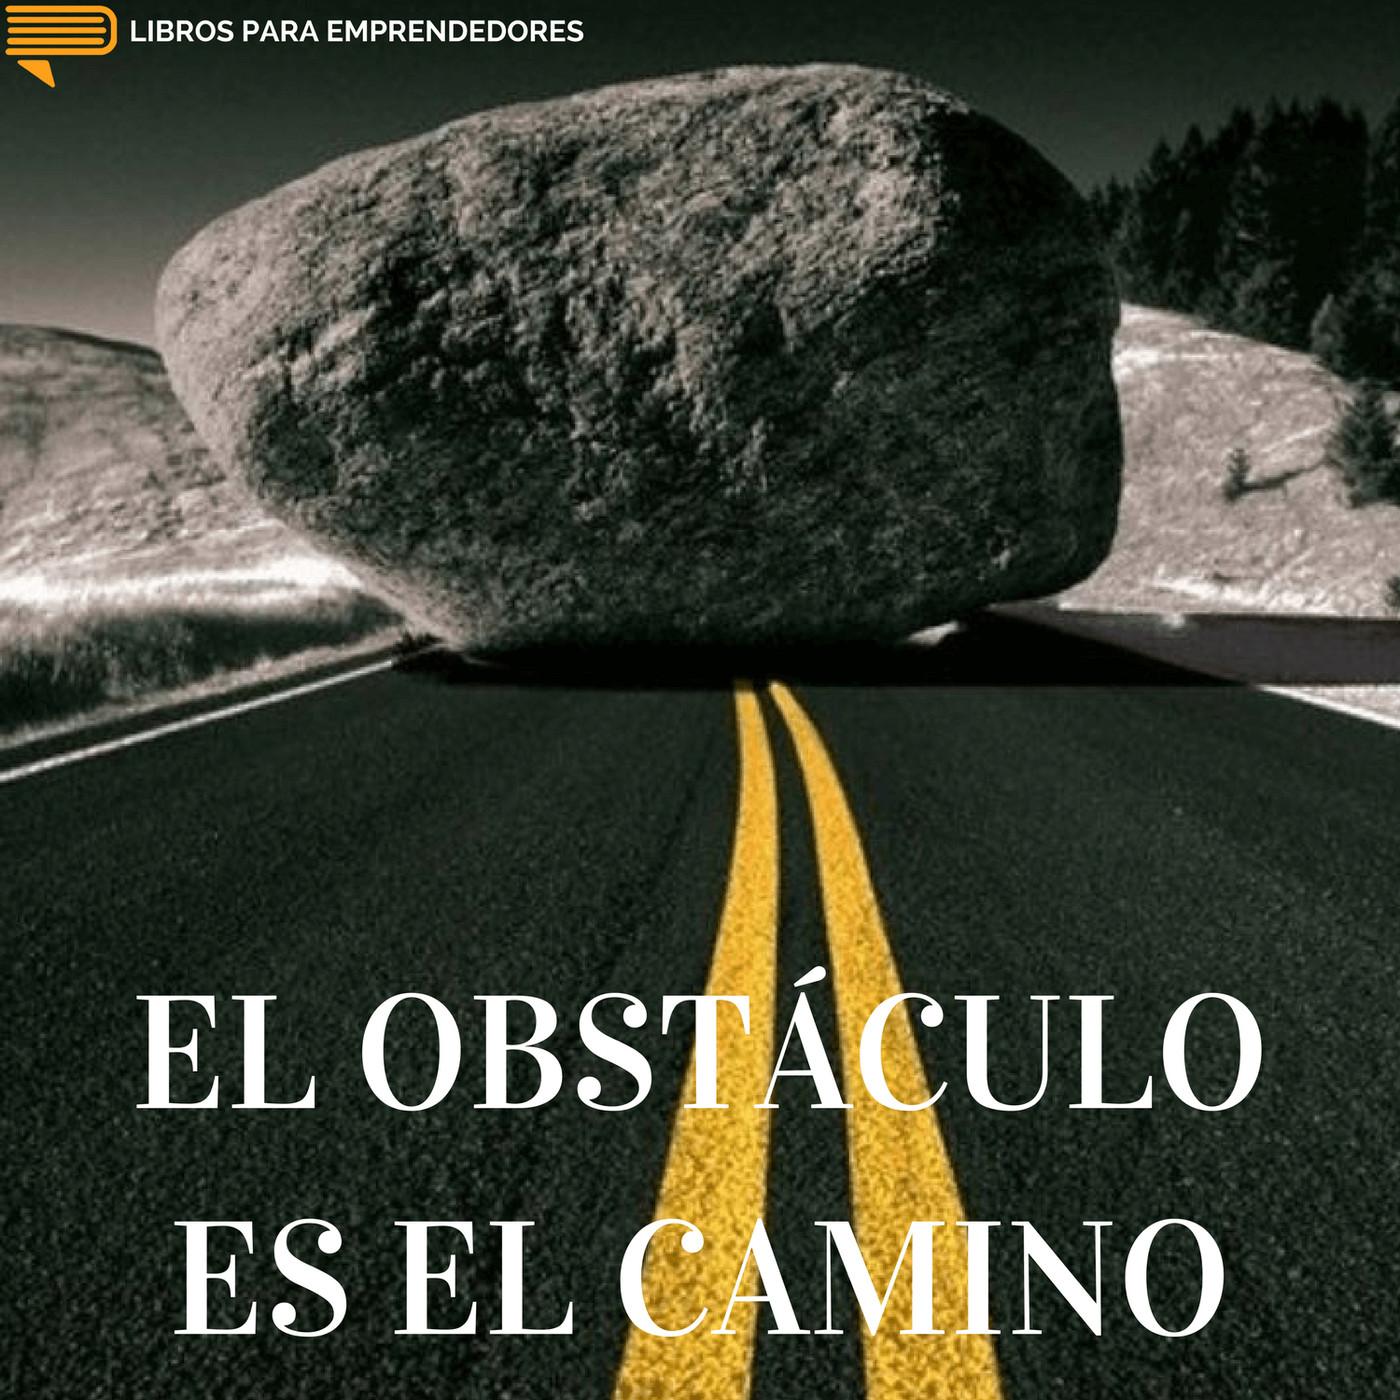 #049 - El Obstáculo es el Camino en Libros para